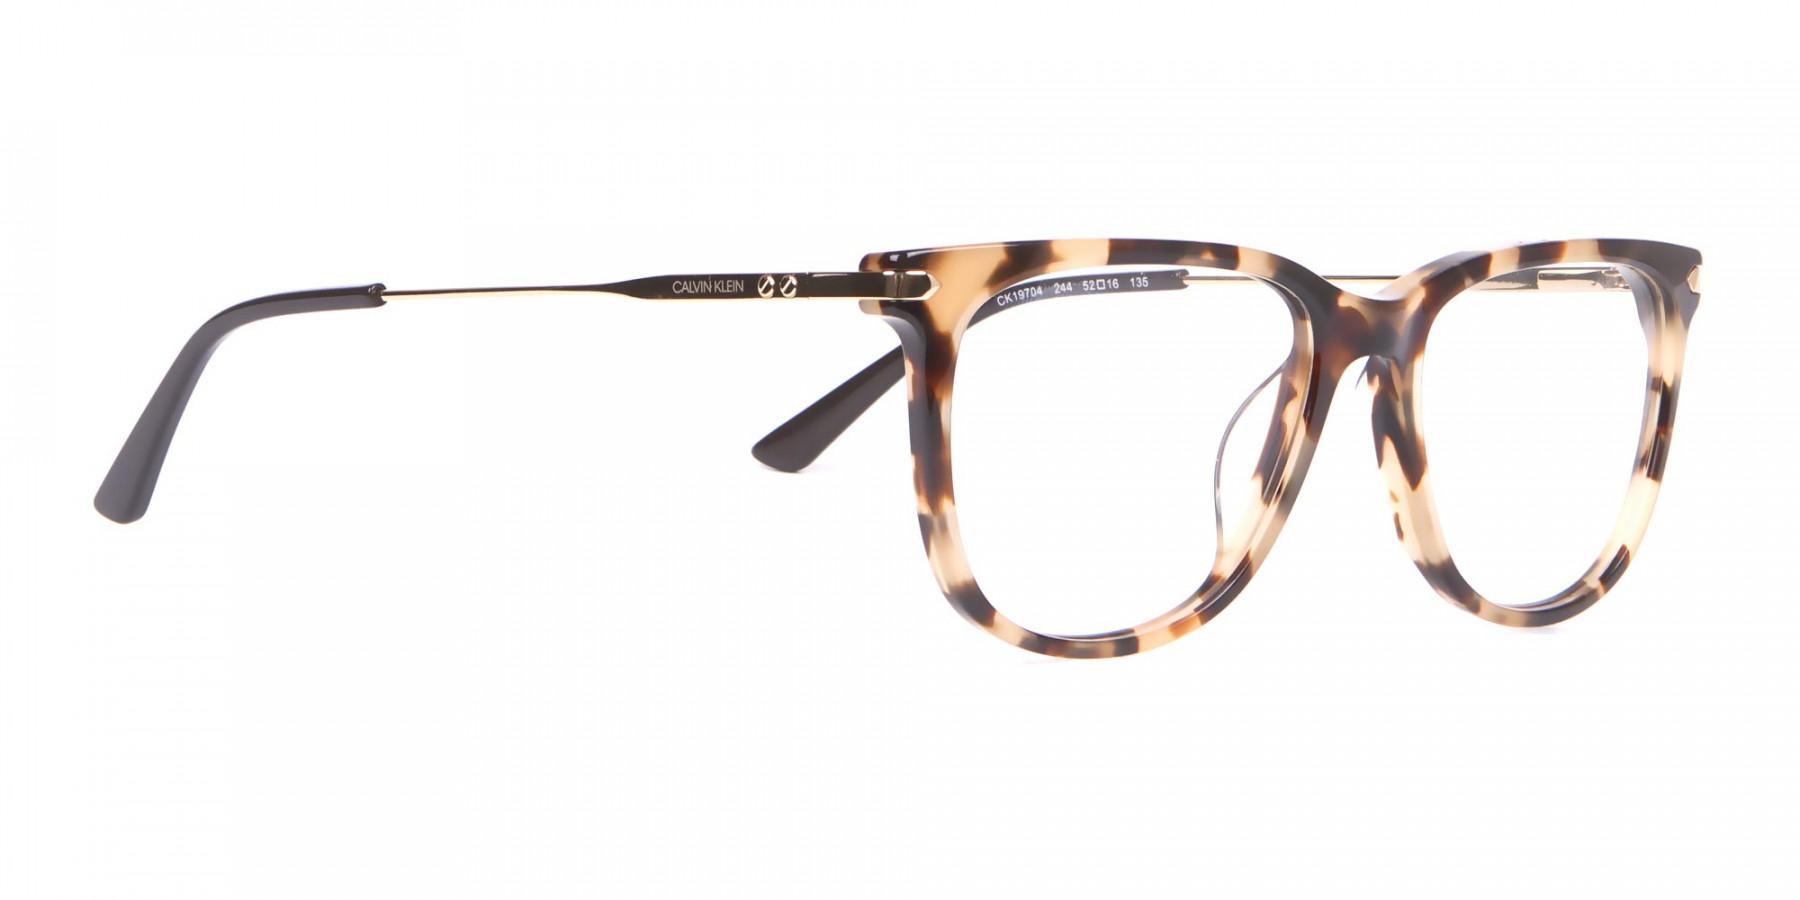 Calvin Klein CK19704 Wayfarer Glasses In Khaki Tortoise-1